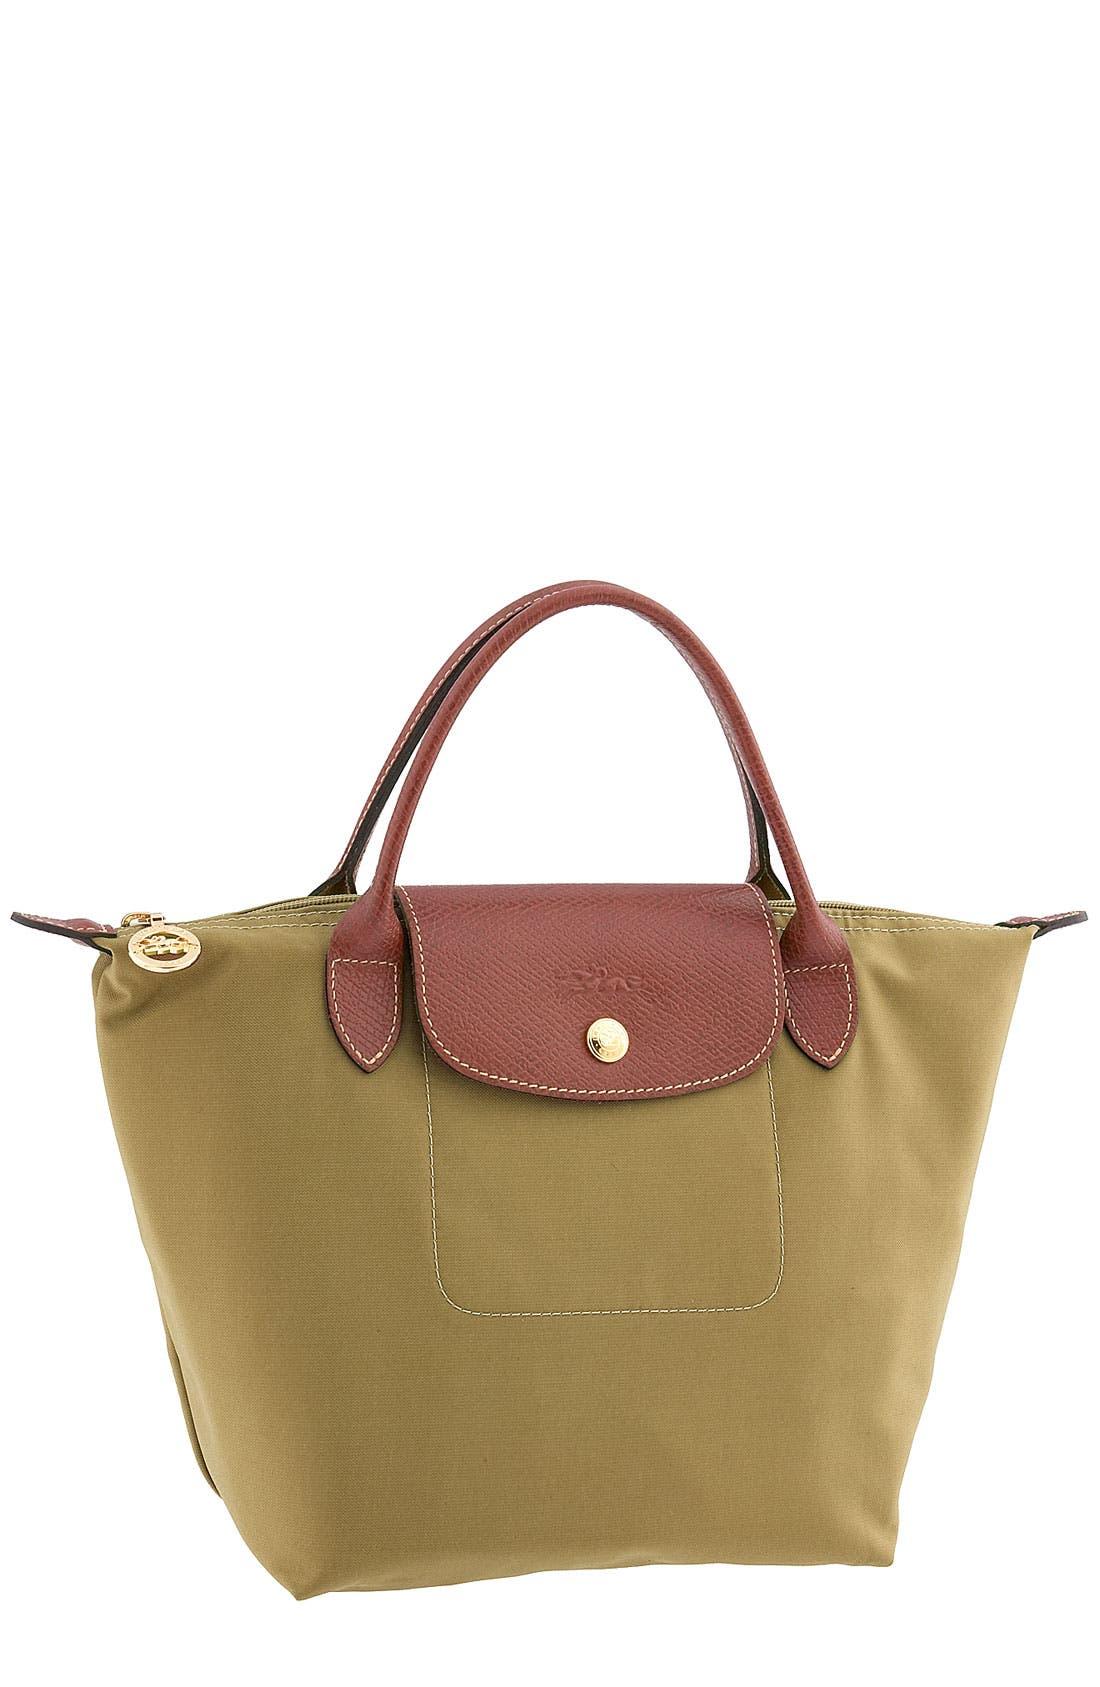 50c4622bde9e Beige Handbags   Wallets for Women